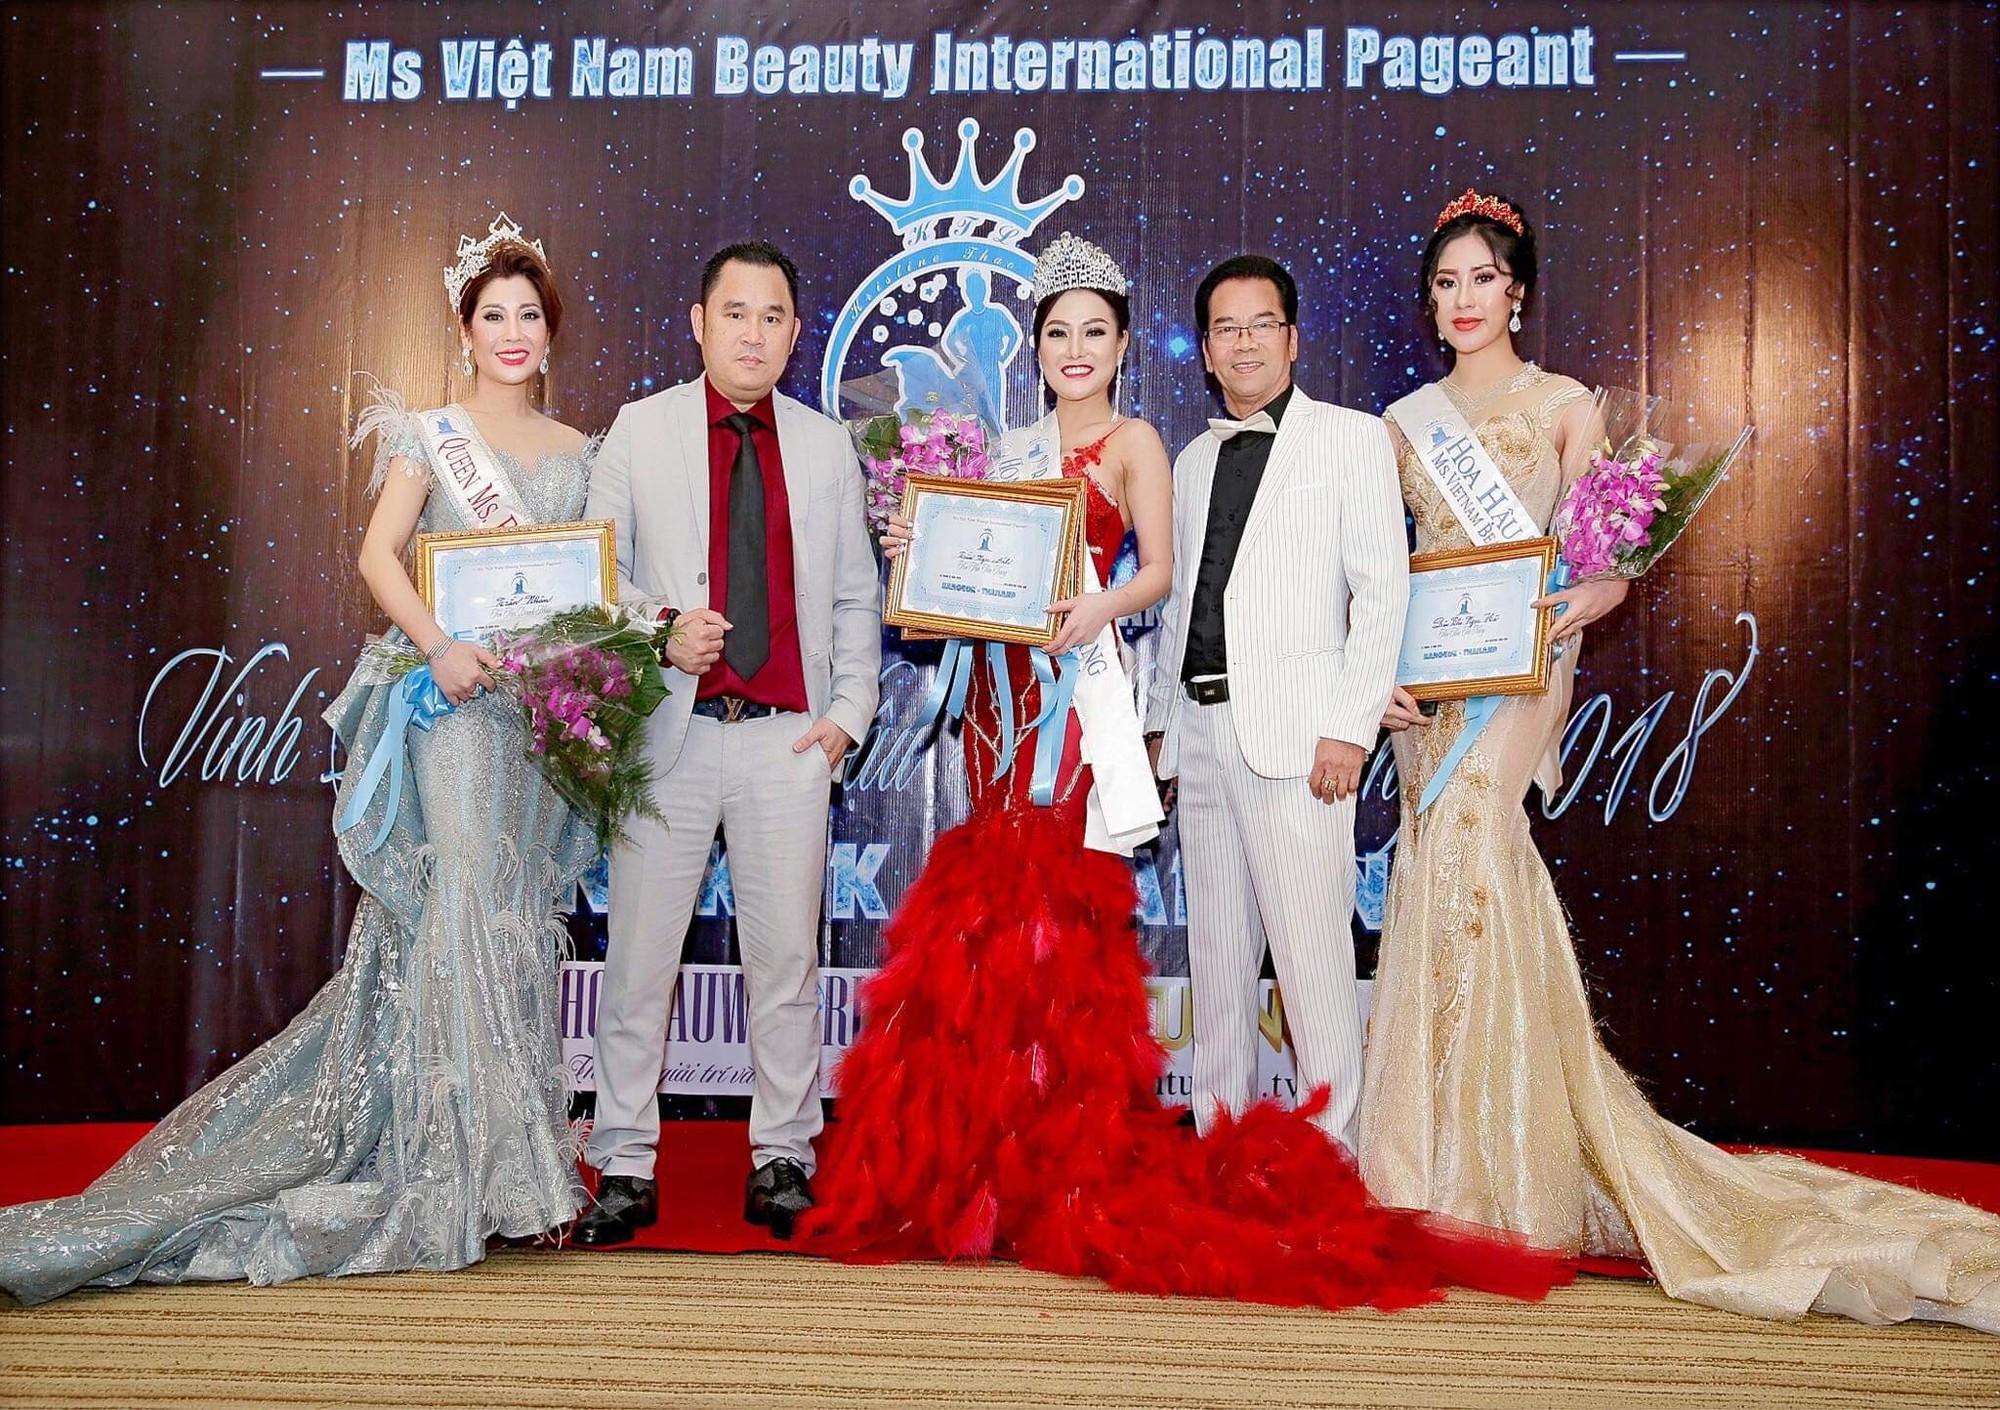 """Tô Diệp Hà đoạt giải """"Hoa hậu tài năng"""" tại Ms Vietnam Beauty International Pageant 2018 - Ảnh 5."""